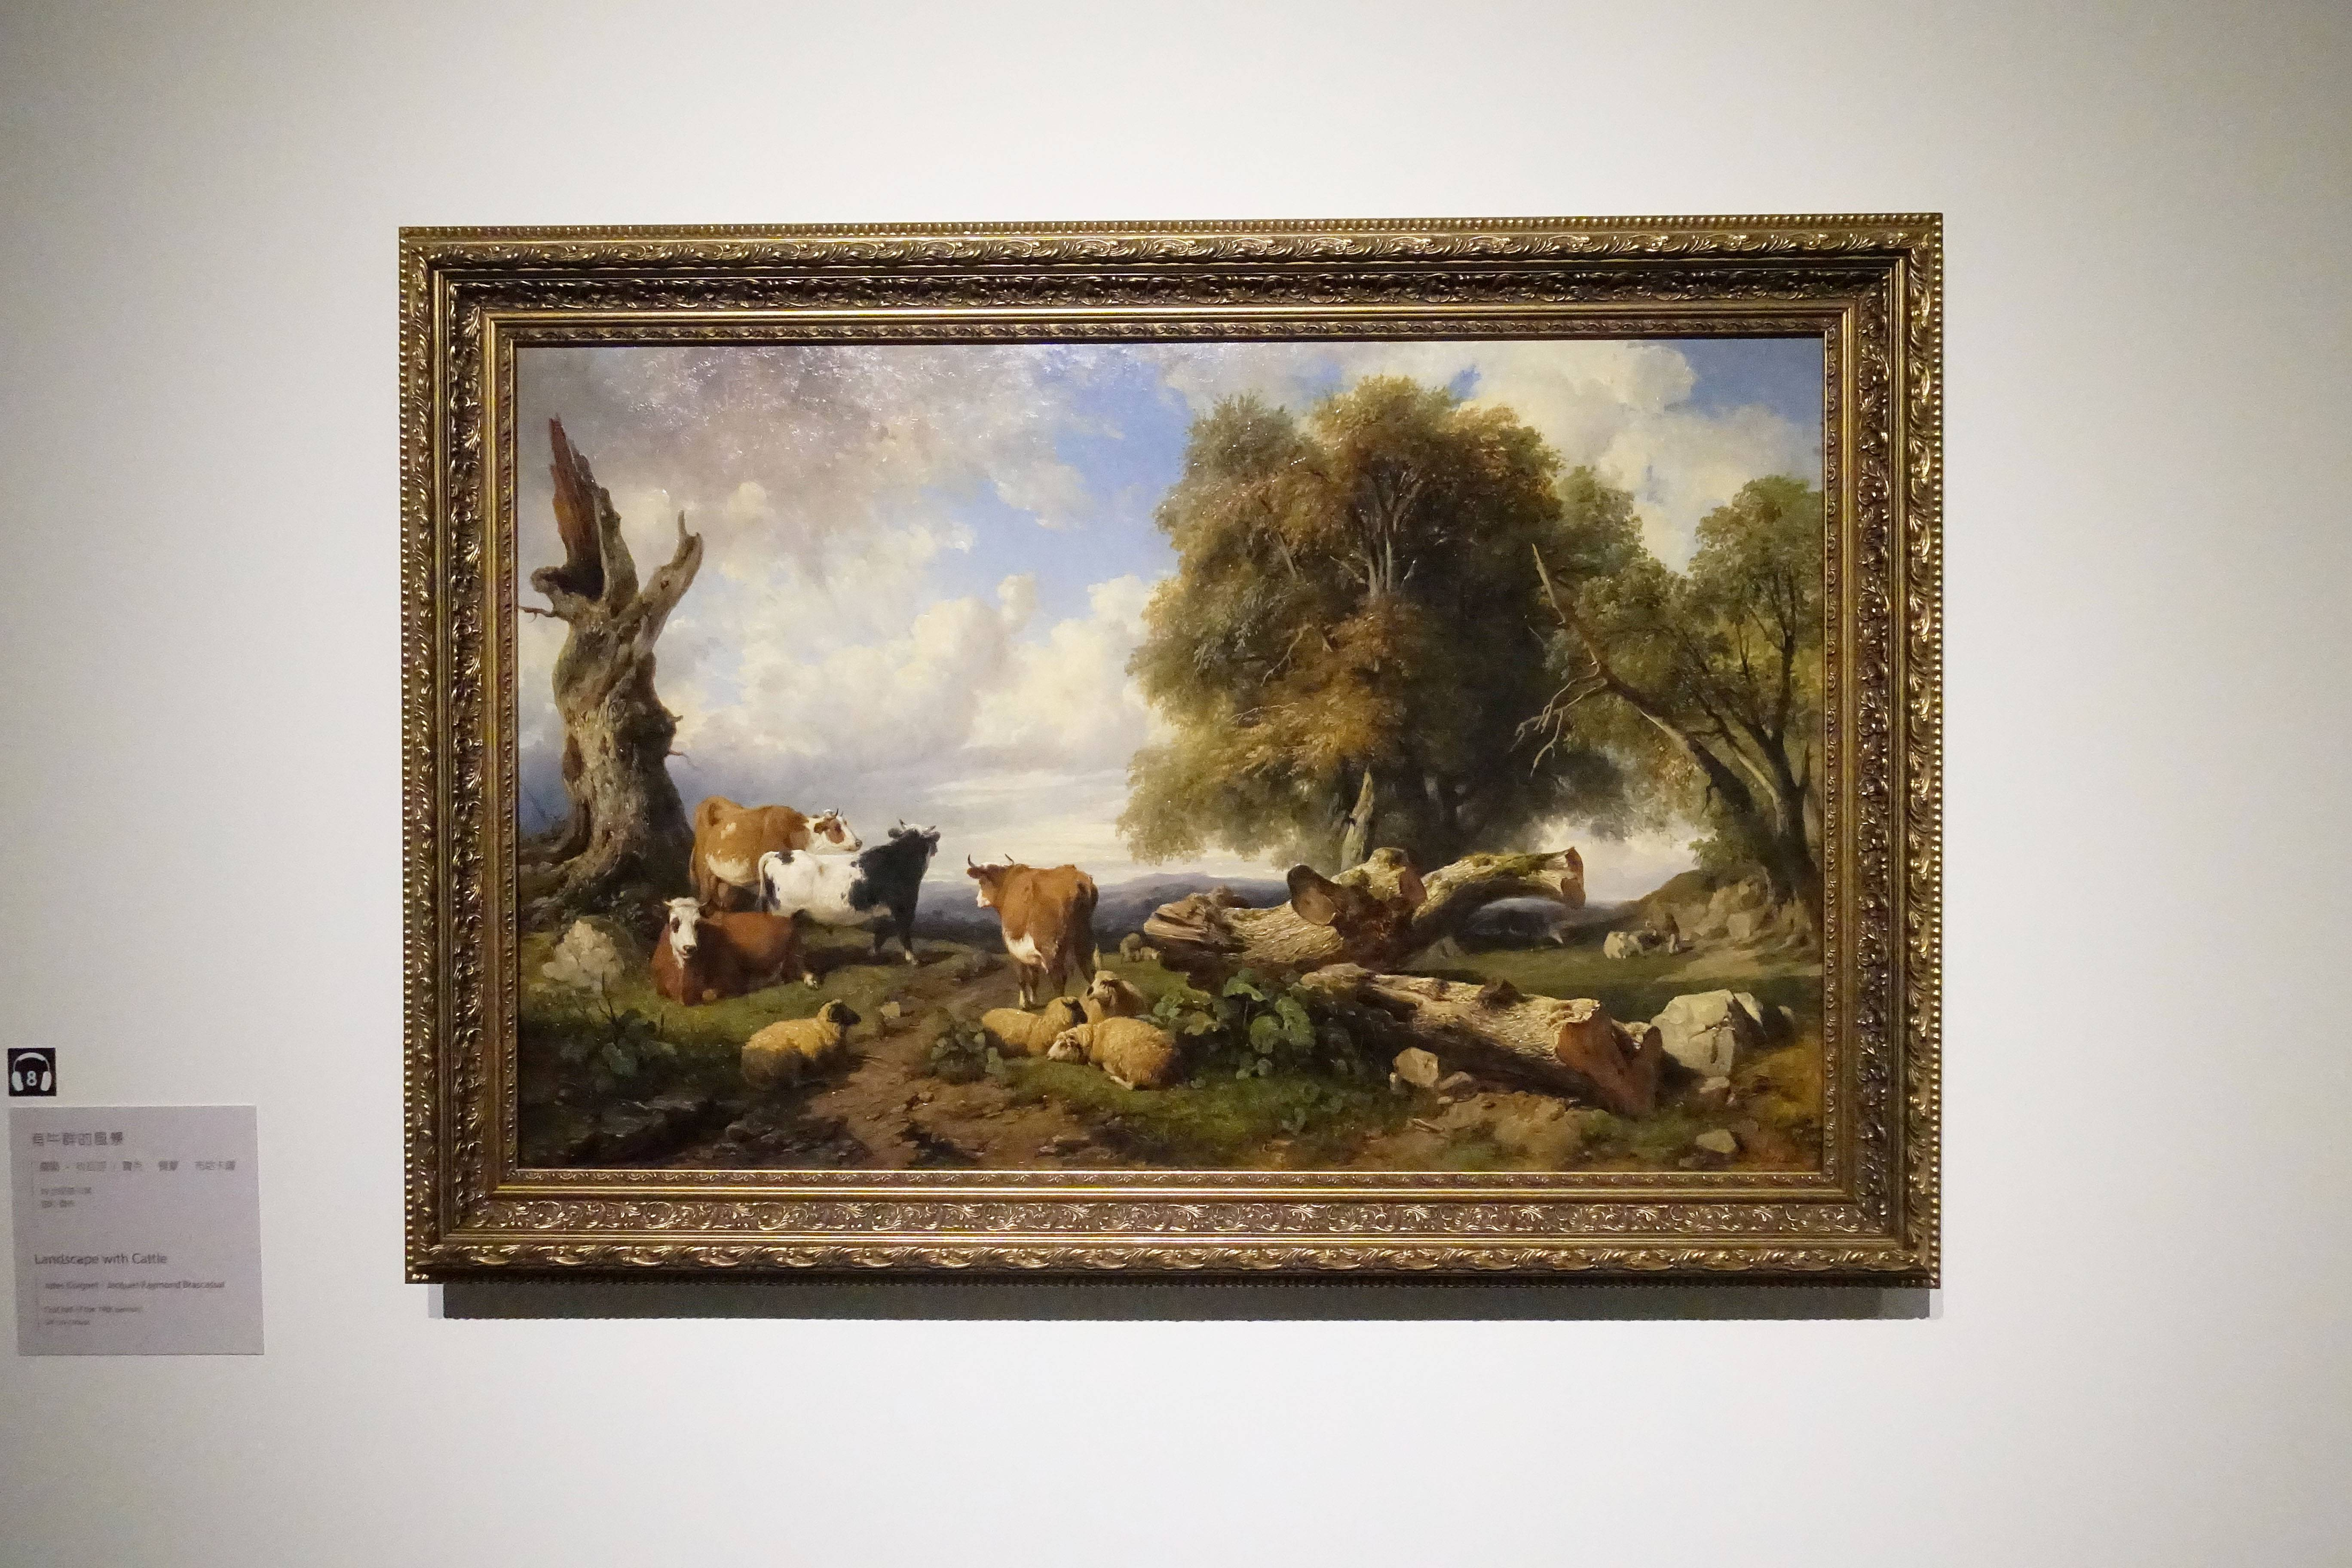 儒勒.科瓦涅 / 賈克-賀蒙.布哈卡薩 Jules Coignet / Jacques Raymond Brascassat  ,《牧場母牛 Landscape with Cattle》,油彩、畫布 Oil on canvas。